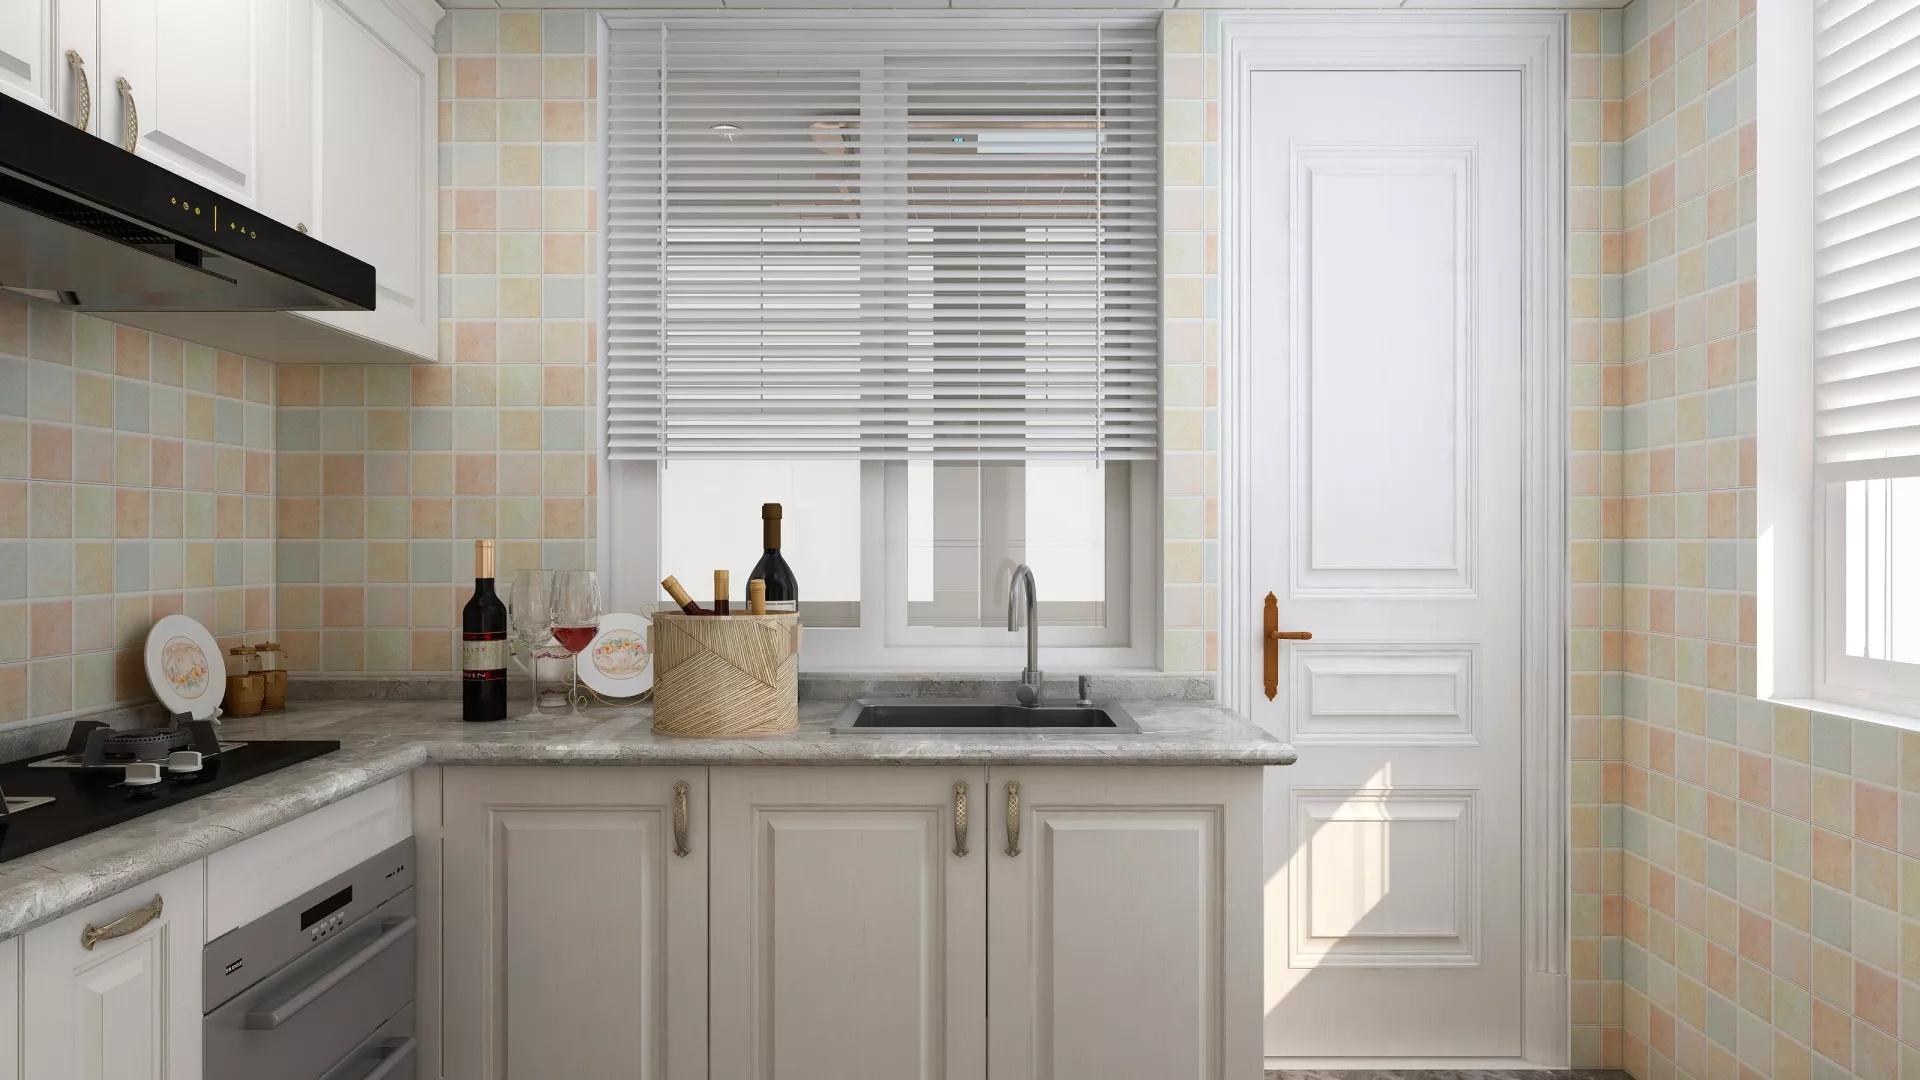 飄窗窗簾軌道安裝方法有哪些 內飄窗簾軌道如何安裝